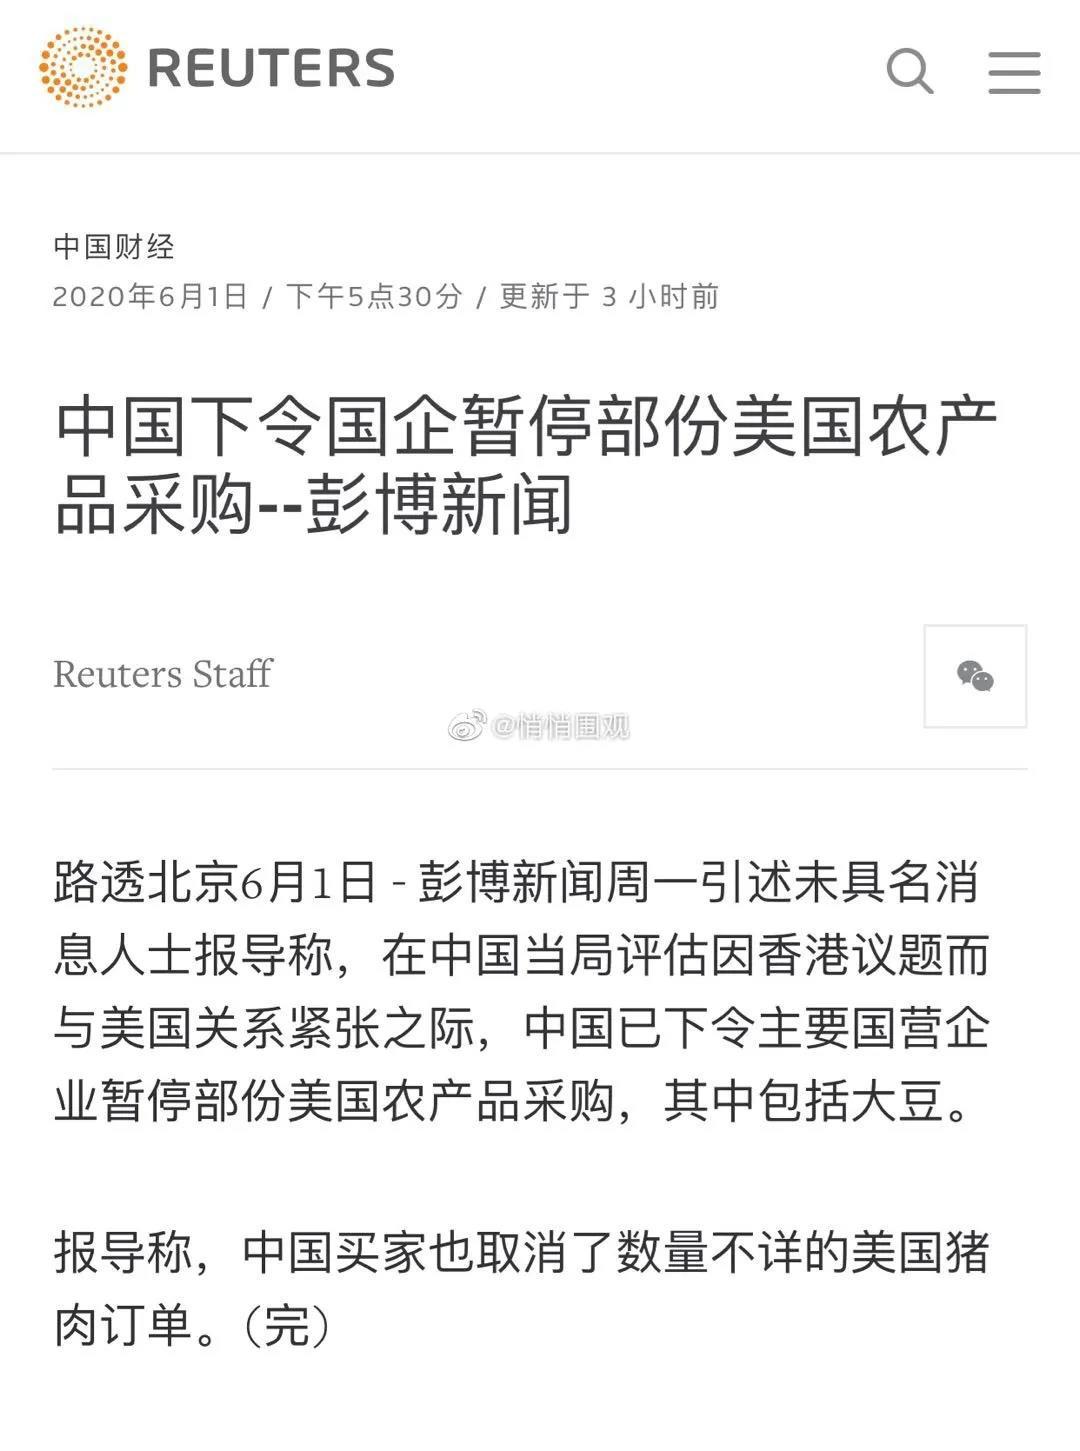 中国暂停购买美国大豆及猪肉